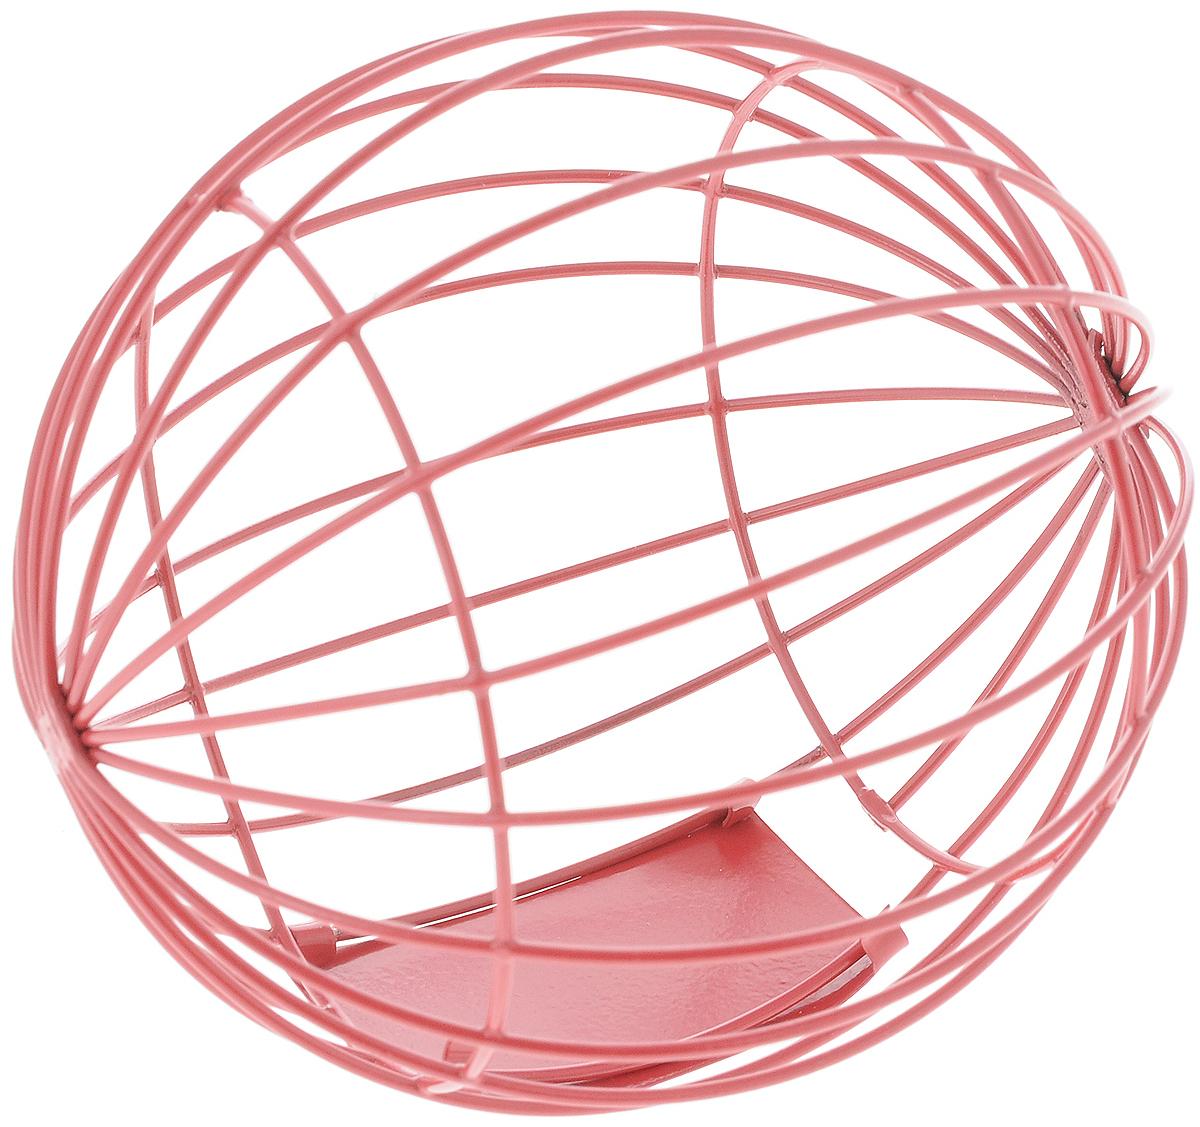 Кормушка для грызунов Nobby Шар, цвет: красный, диаметр 10 см80010Кормушка для грызунов Nobby Шар изготовлена из металлической проволоки и оснащена дверцей для более удобного заполнения кормом или лакомством. Отлично подходит для сена, травы, листьев салата и лакомств.Кормушка мотивирует животное к игре в награду за еду. Конструкция защитит лакомство от загрязнений.Диаметр шара: 10 см.